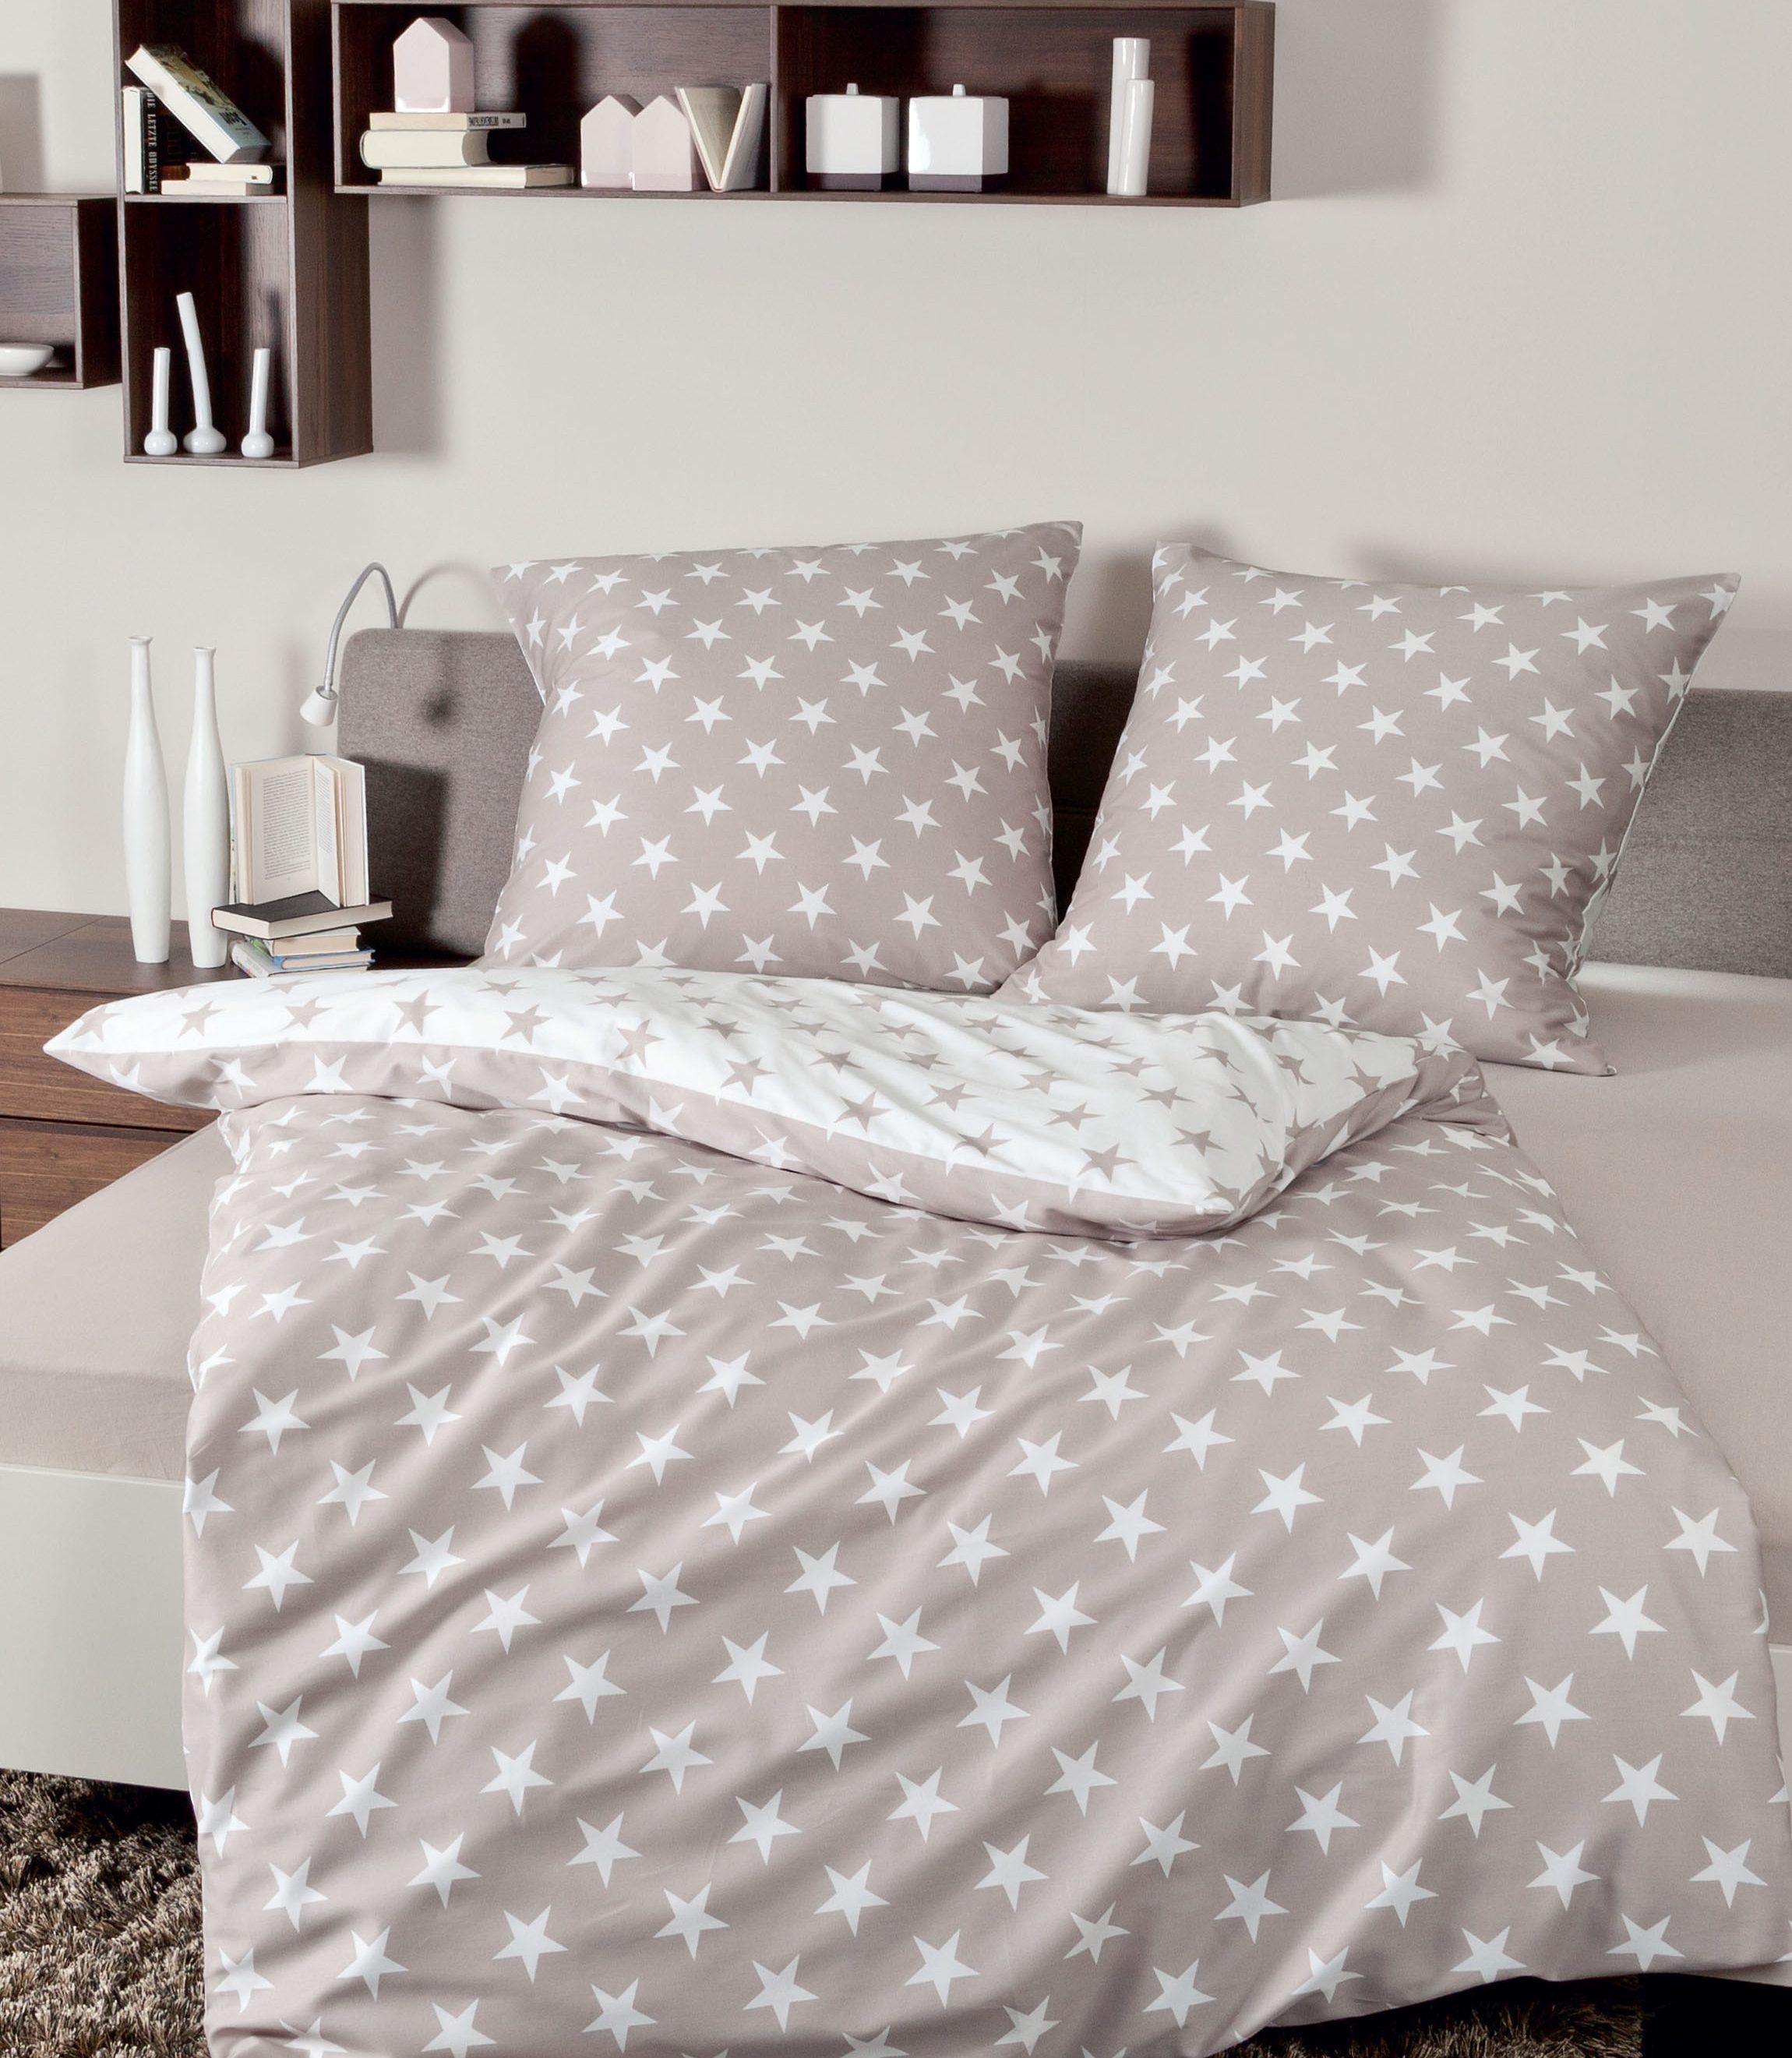 bettw sche sterne gr n bettw sche biber gr n. Black Bedroom Furniture Sets. Home Design Ideas